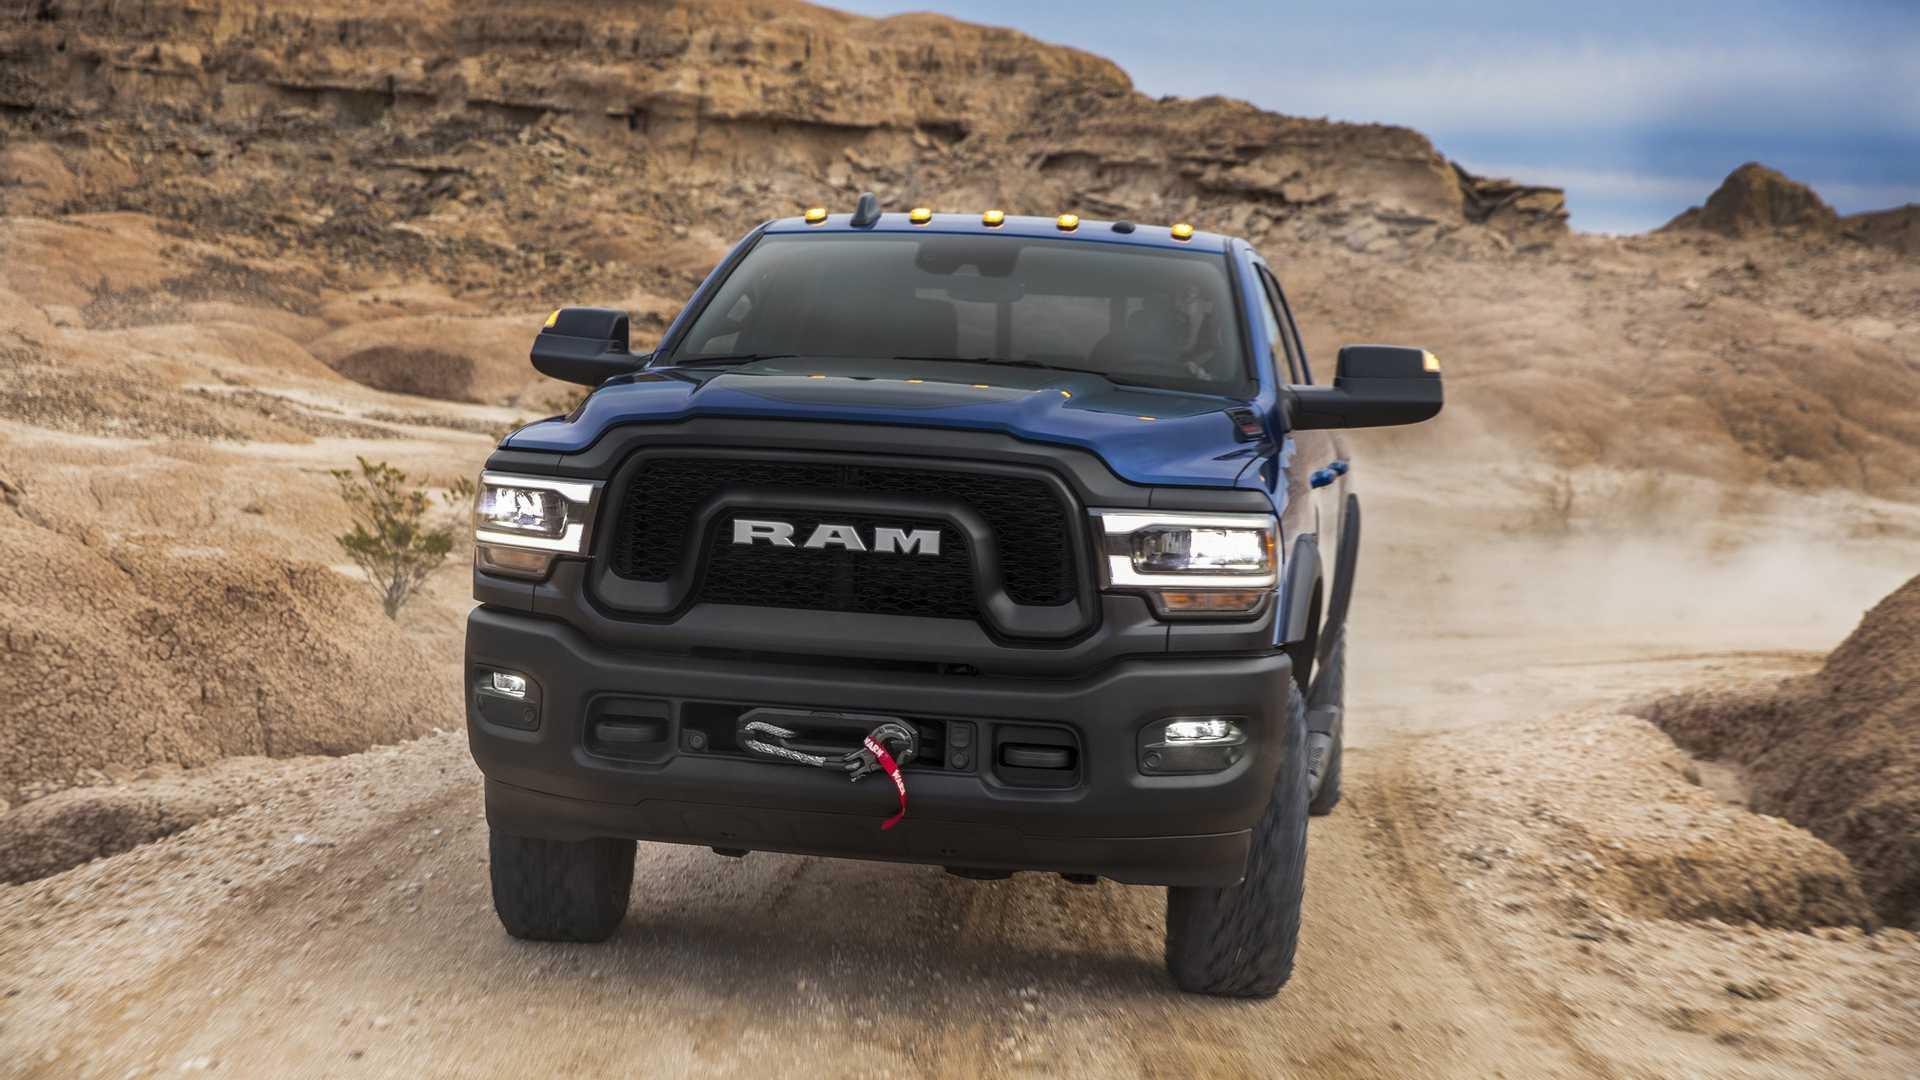 2019-ram-heavy-duty-exterior (79)